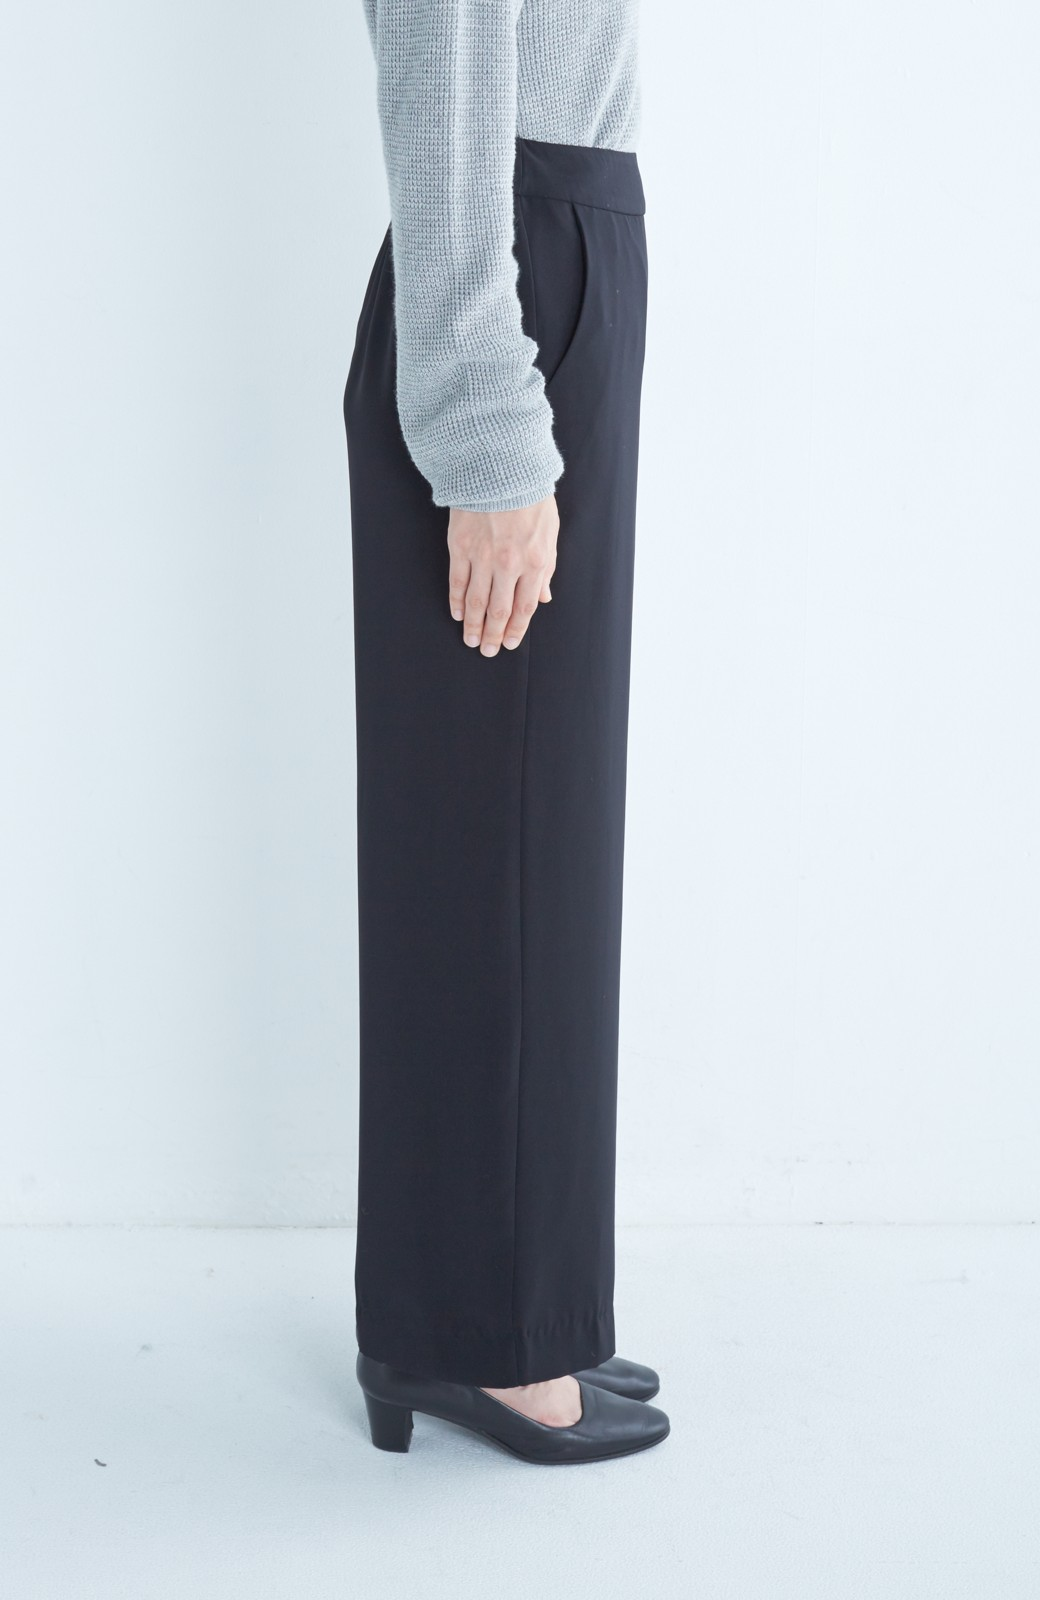 エムトロワ シワになりにくい しなやかワイドパンツ <ブラック>の商品写真3